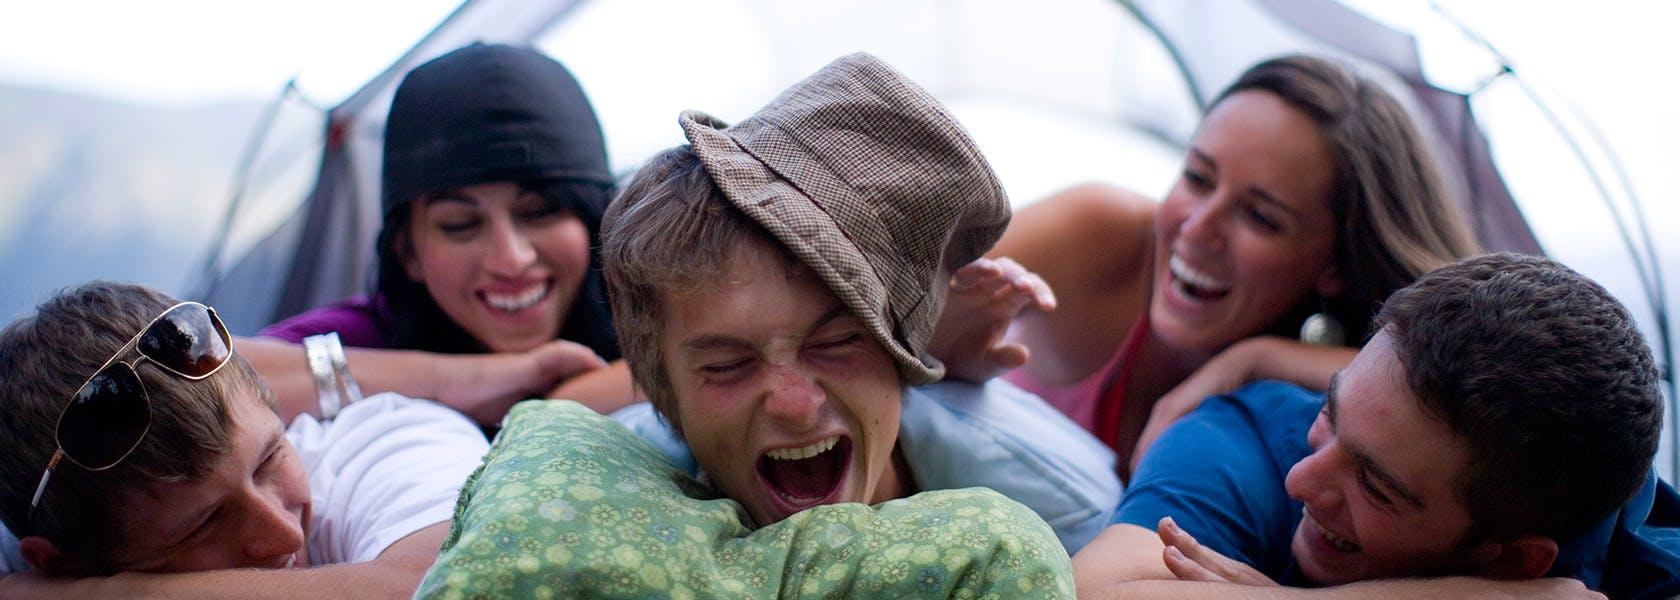 Grupo de amigos riendo en una carpa.